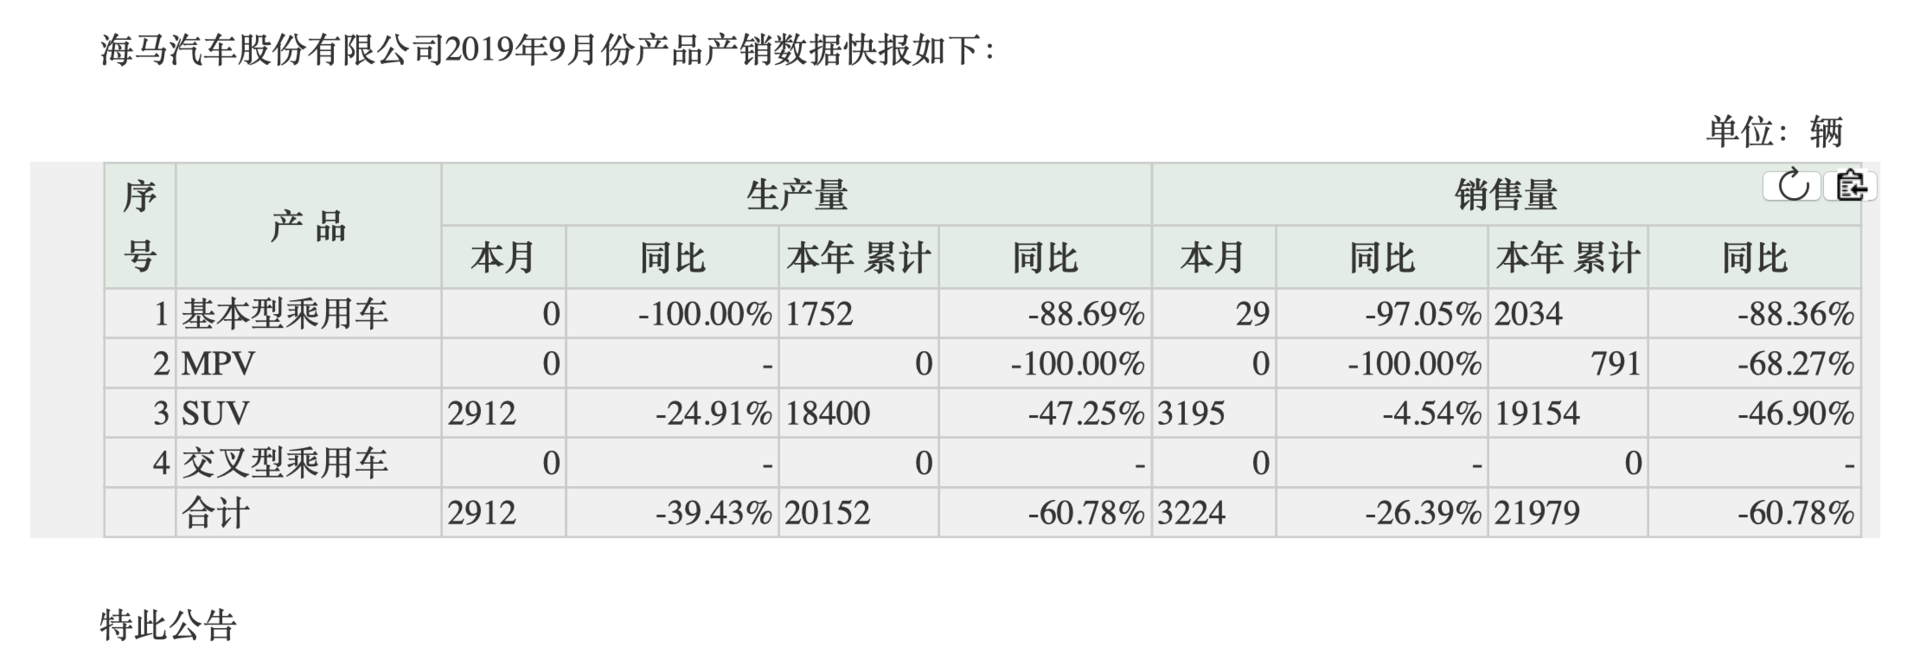 前三季度销量同比暴跌60.78%,海马汽车更加艰难